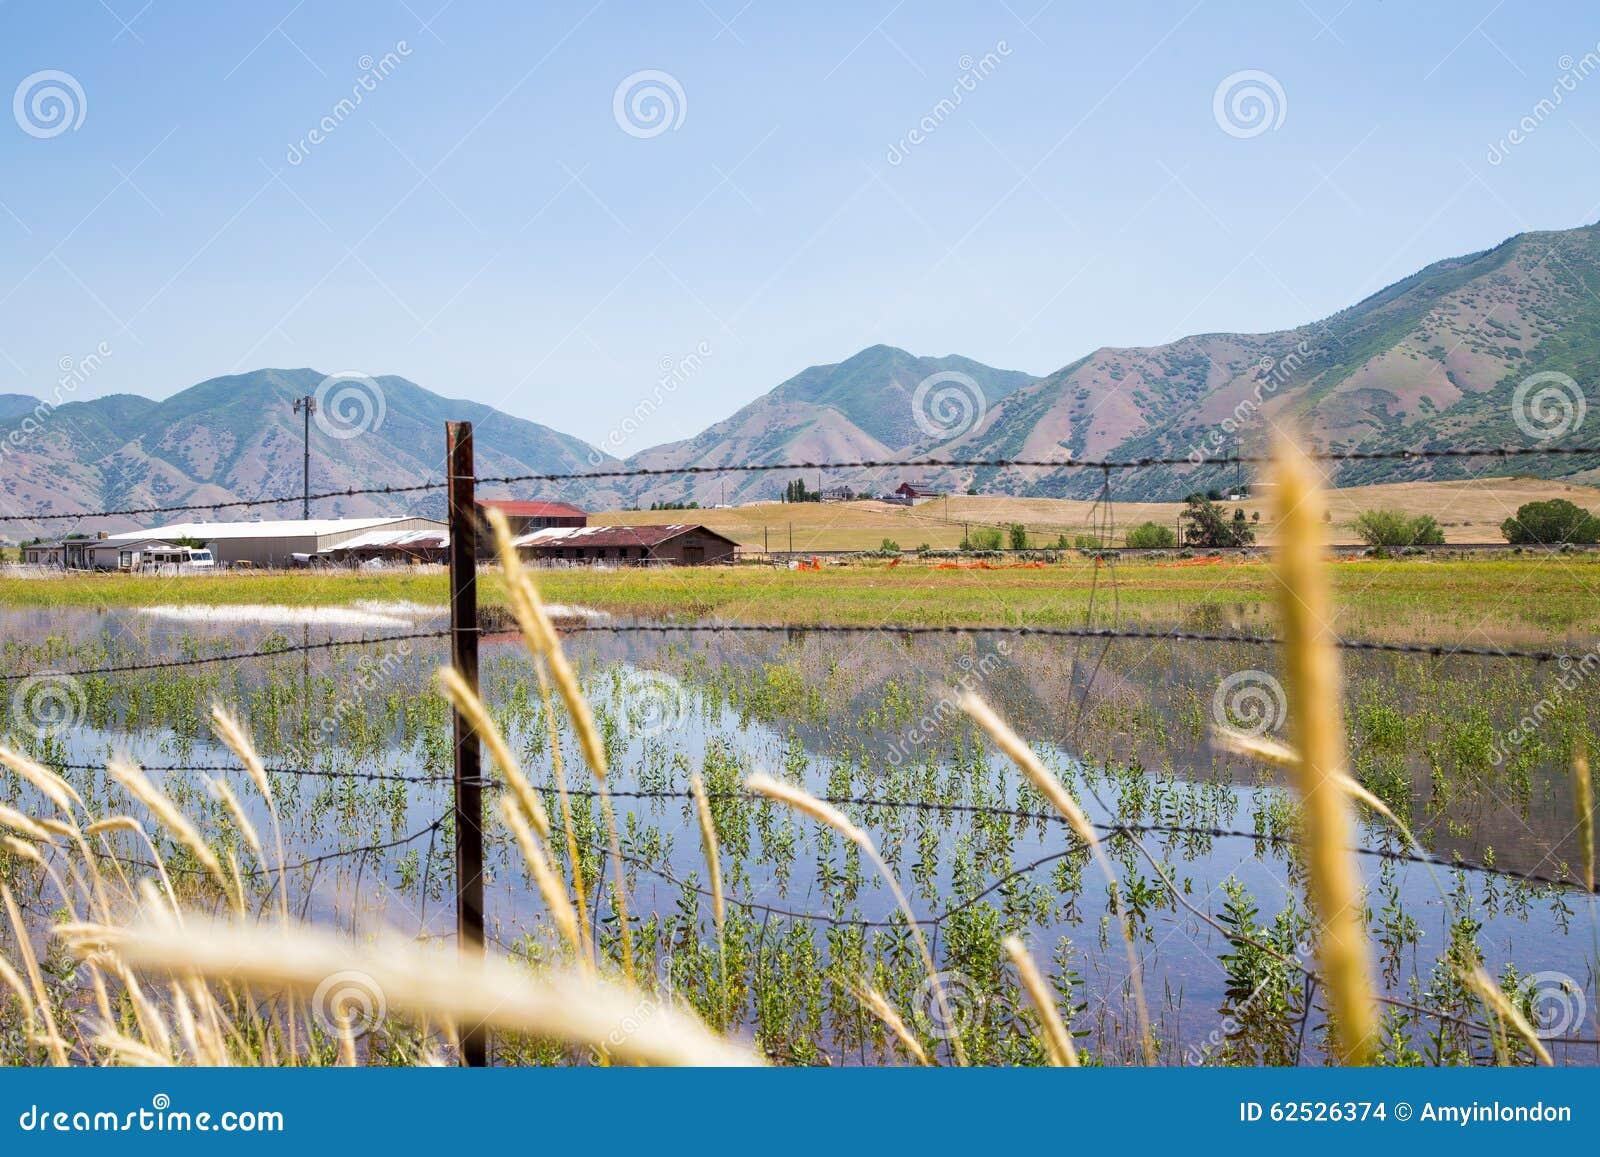 山反射犹他农场土地